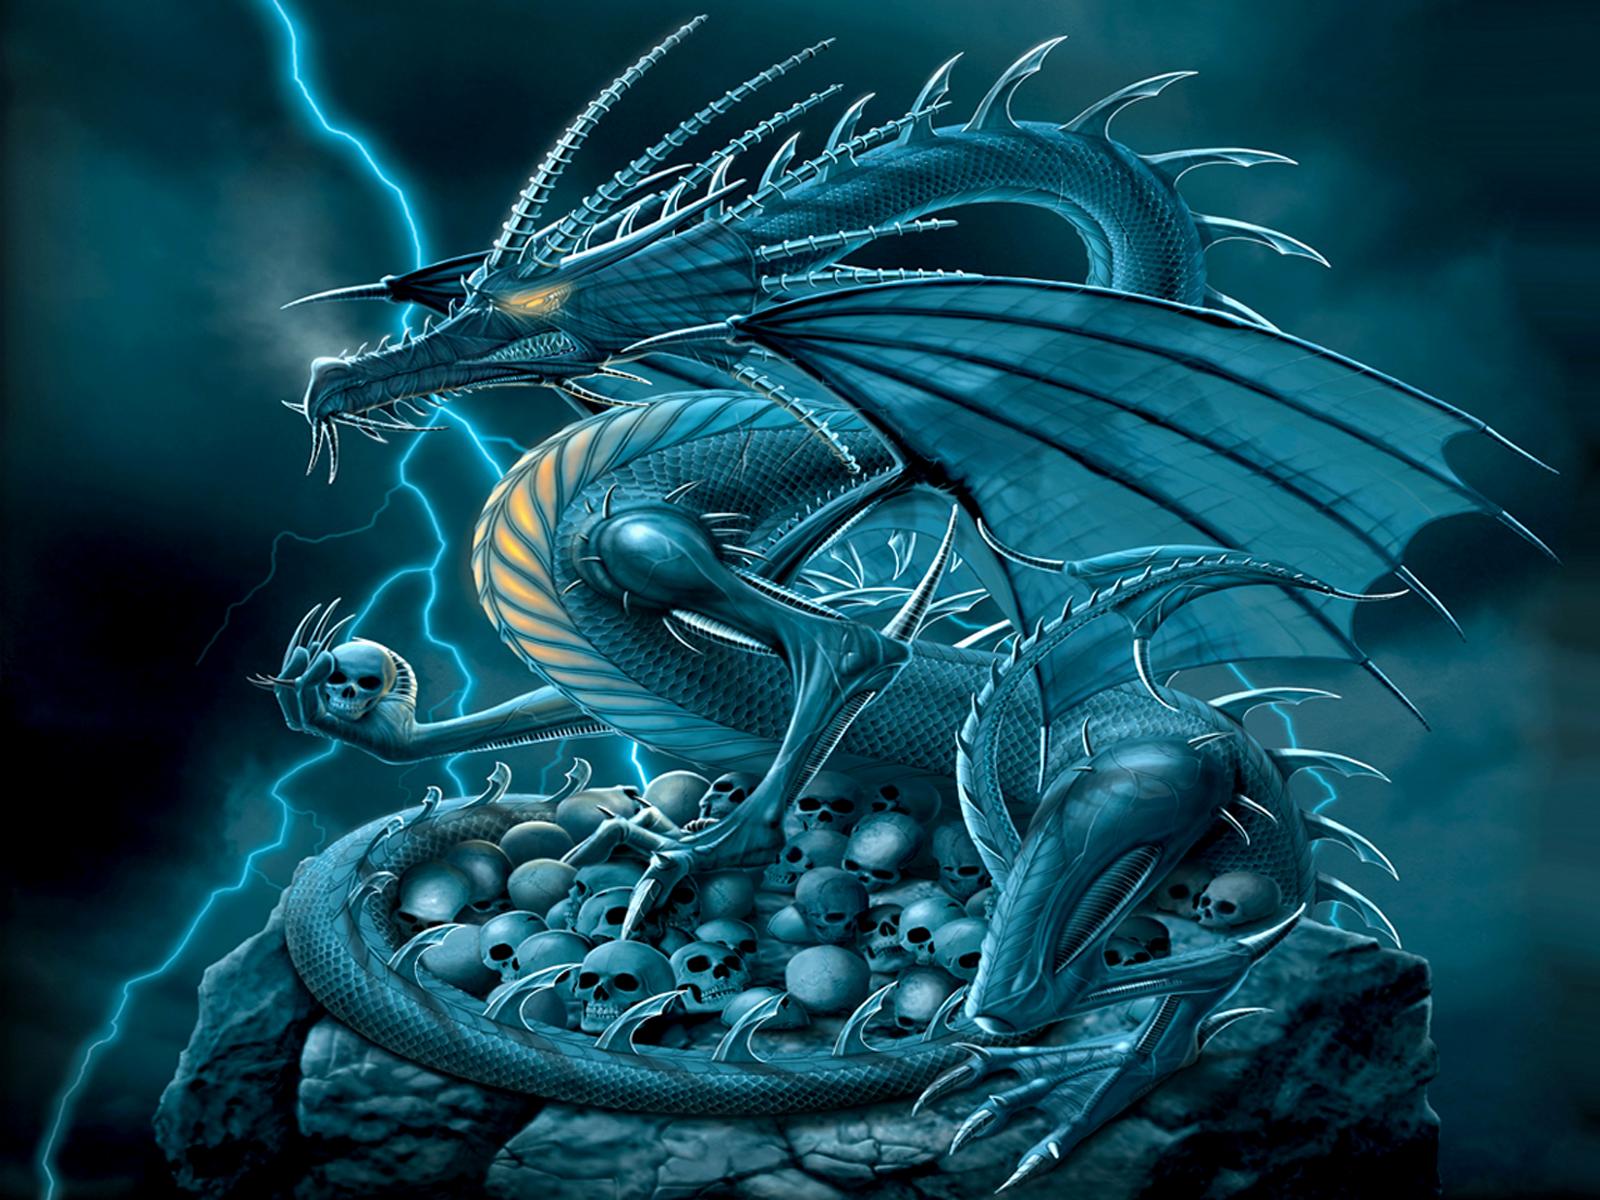 dragon wallpaper 1600x1200 - photo #3